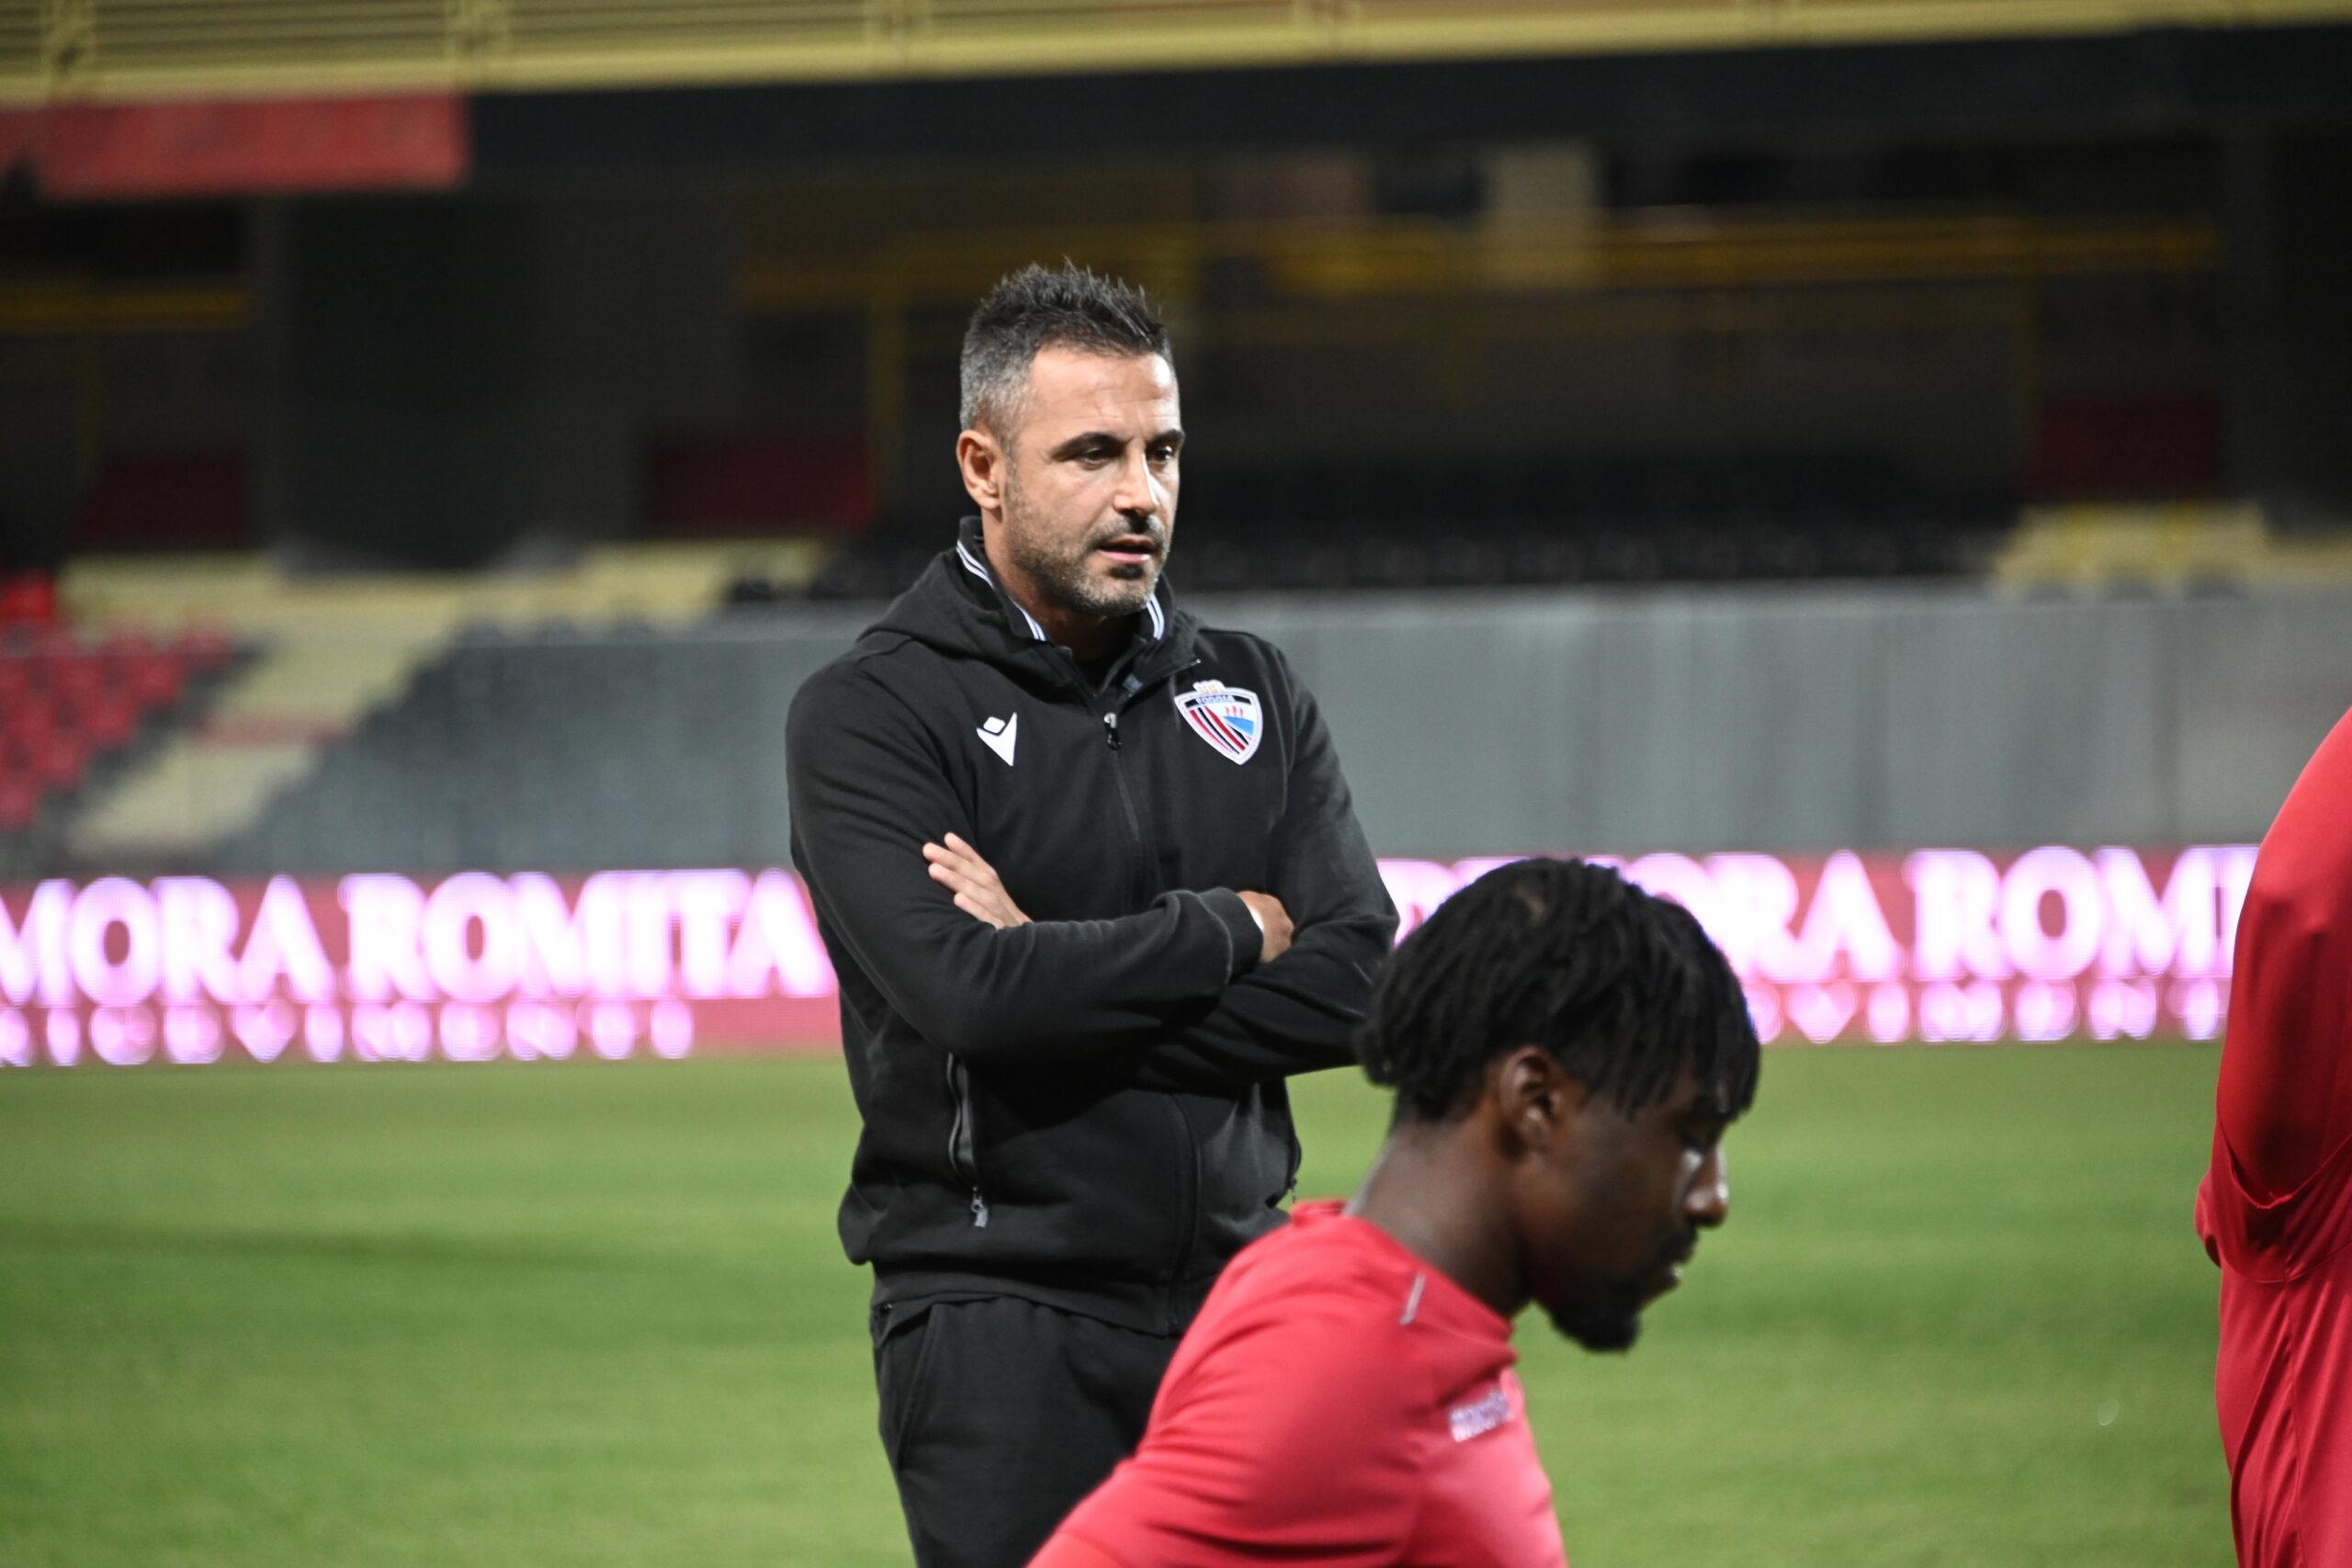 Foggia Calcio – Bari Probabili Formazioni 1 Novembre 2020 Ore 17.30